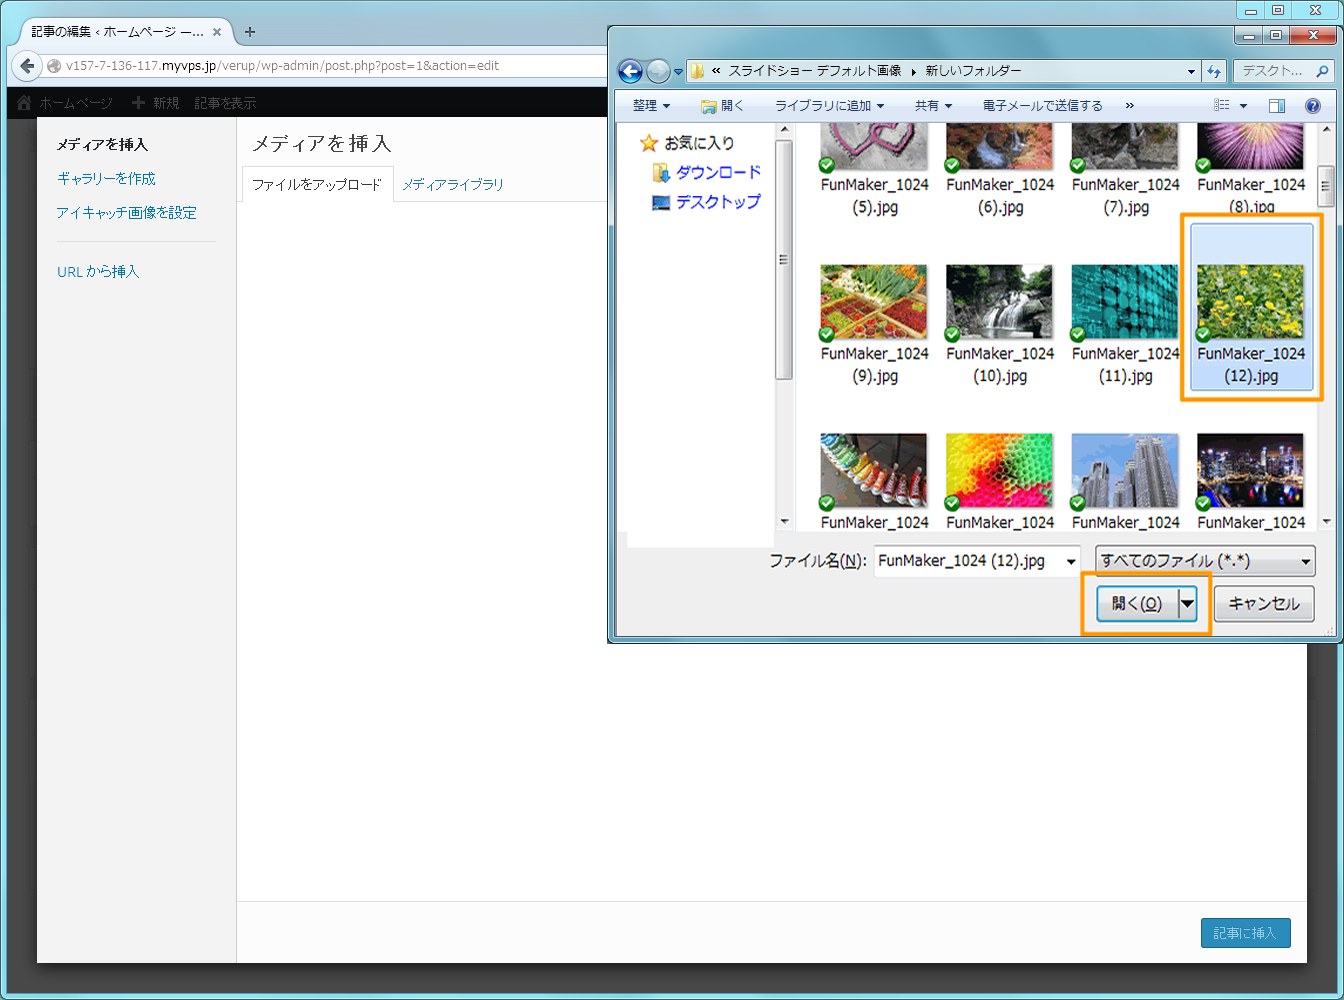 記事 画像の追加 ファイルを選択 | 初期費用無料ホームページ作成サイト - FunMaker